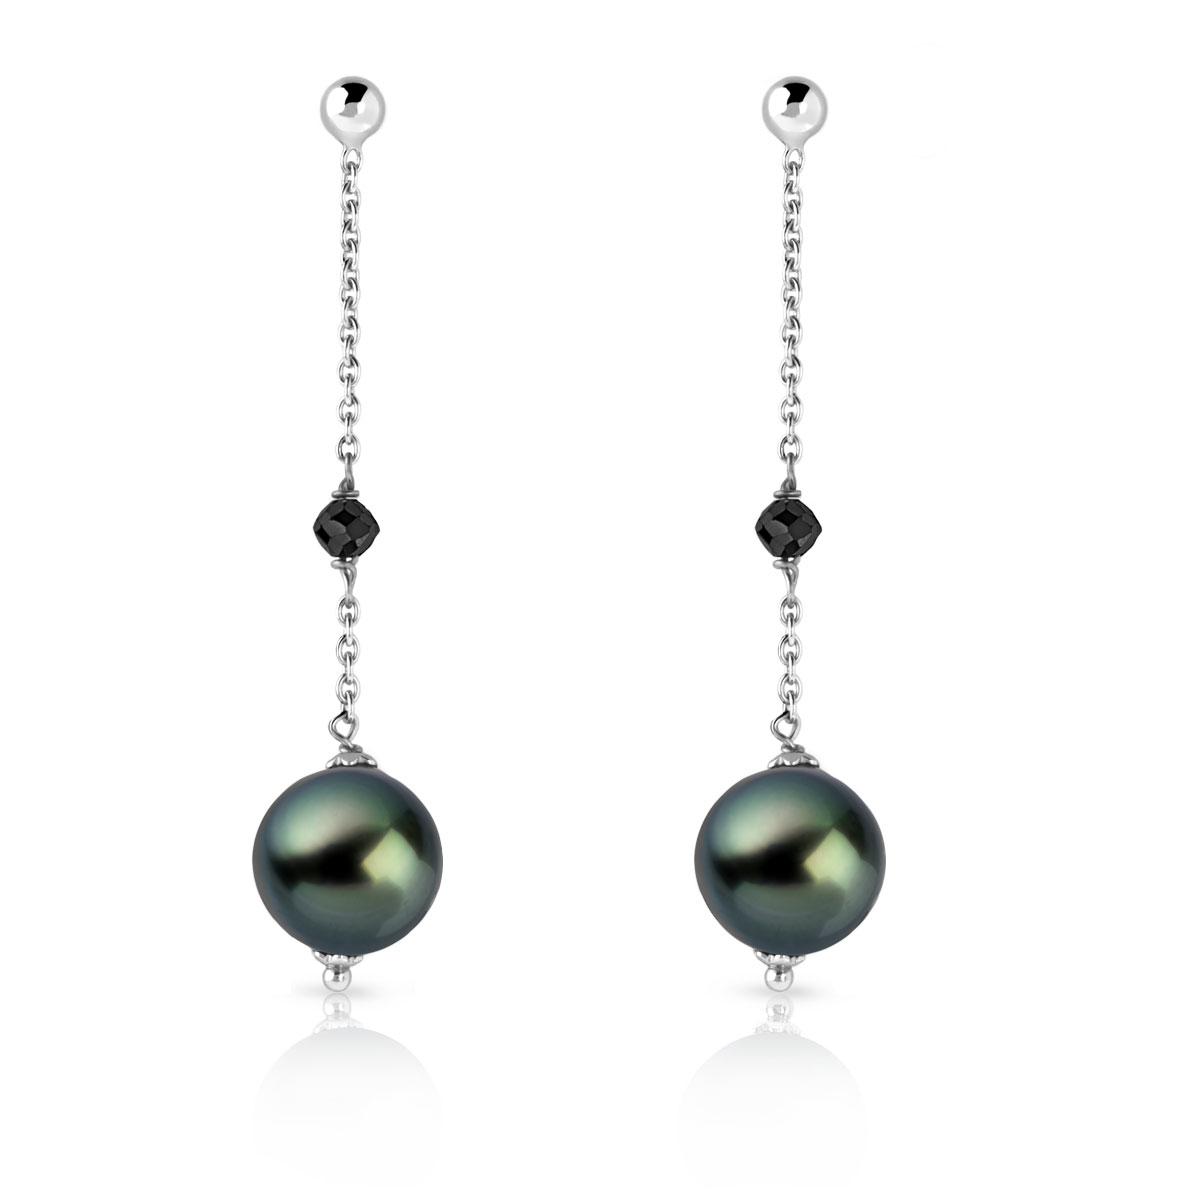 meilleure sélection de en stock assez bon marché Boucles d'oreilles or 750 blanc perles culture Tahiti diamant